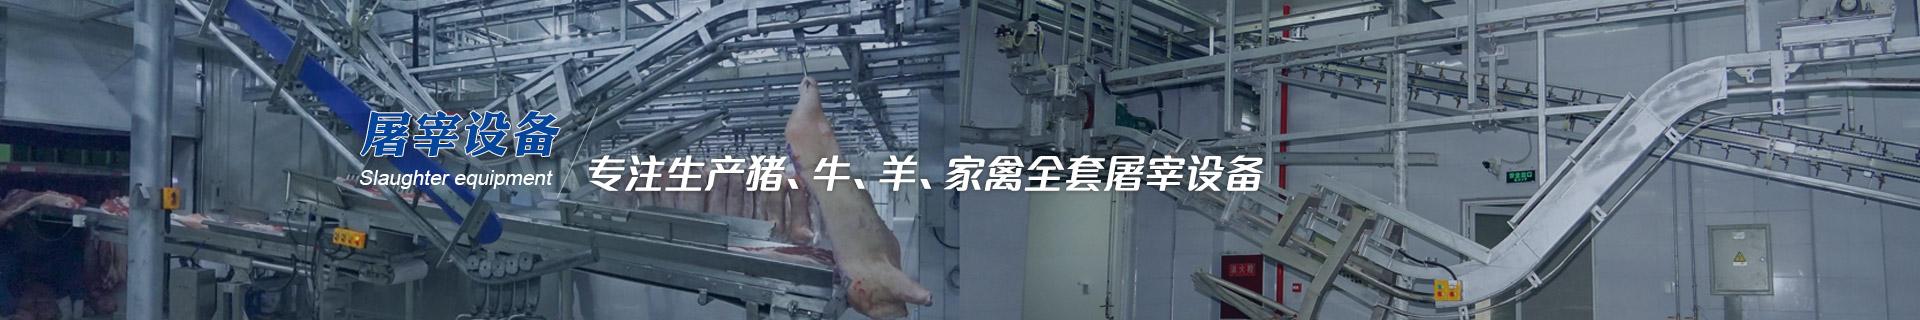 建华机械-专注生产猪、牛、羊、家禽全套屠宰设备